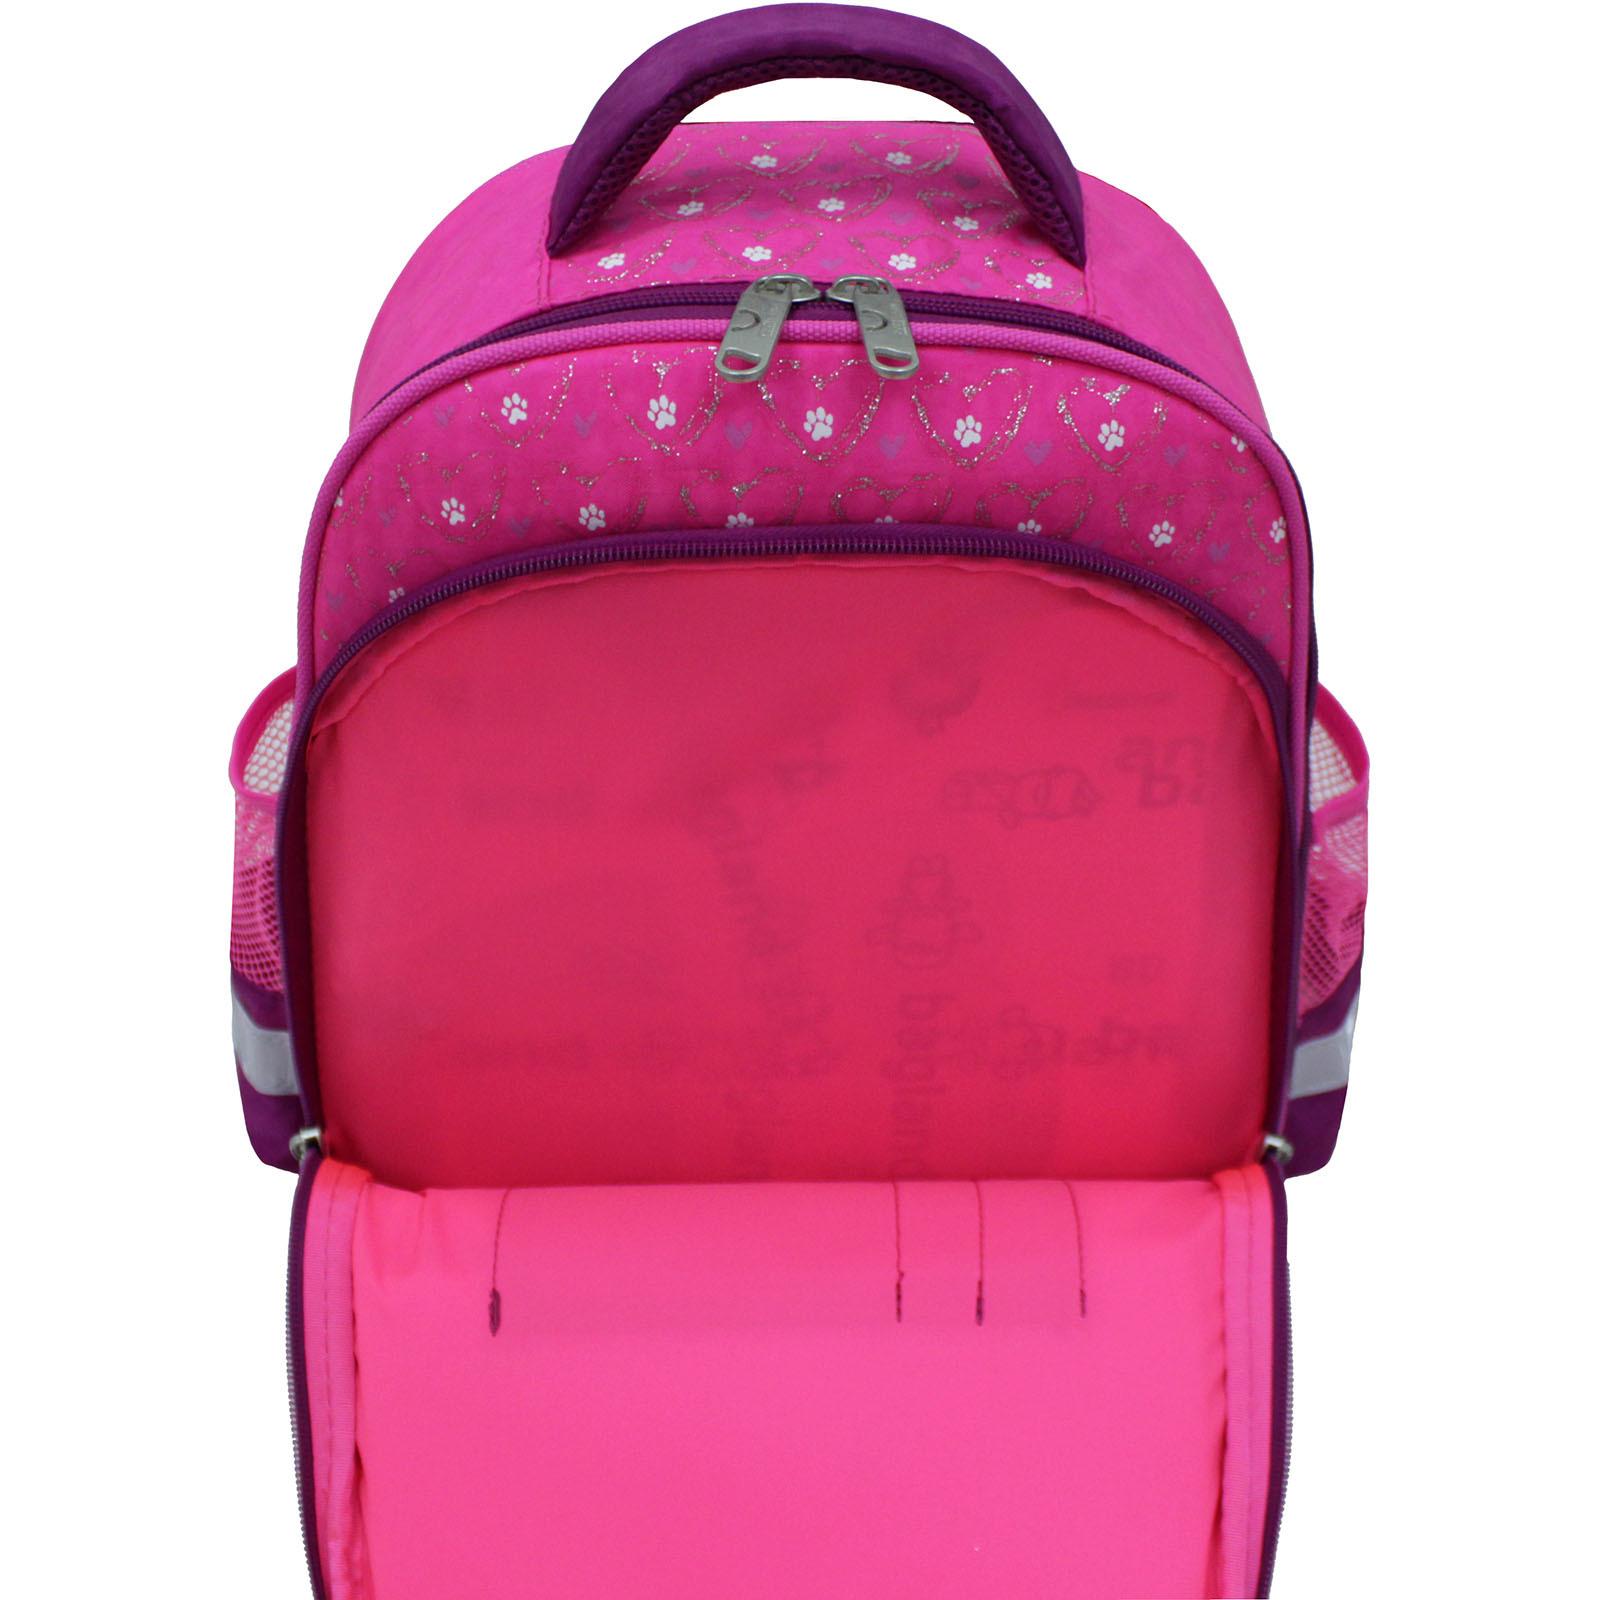 Рюкзак школьный Bagland Mouse 143 малиновый 167к (0051370) фото 4